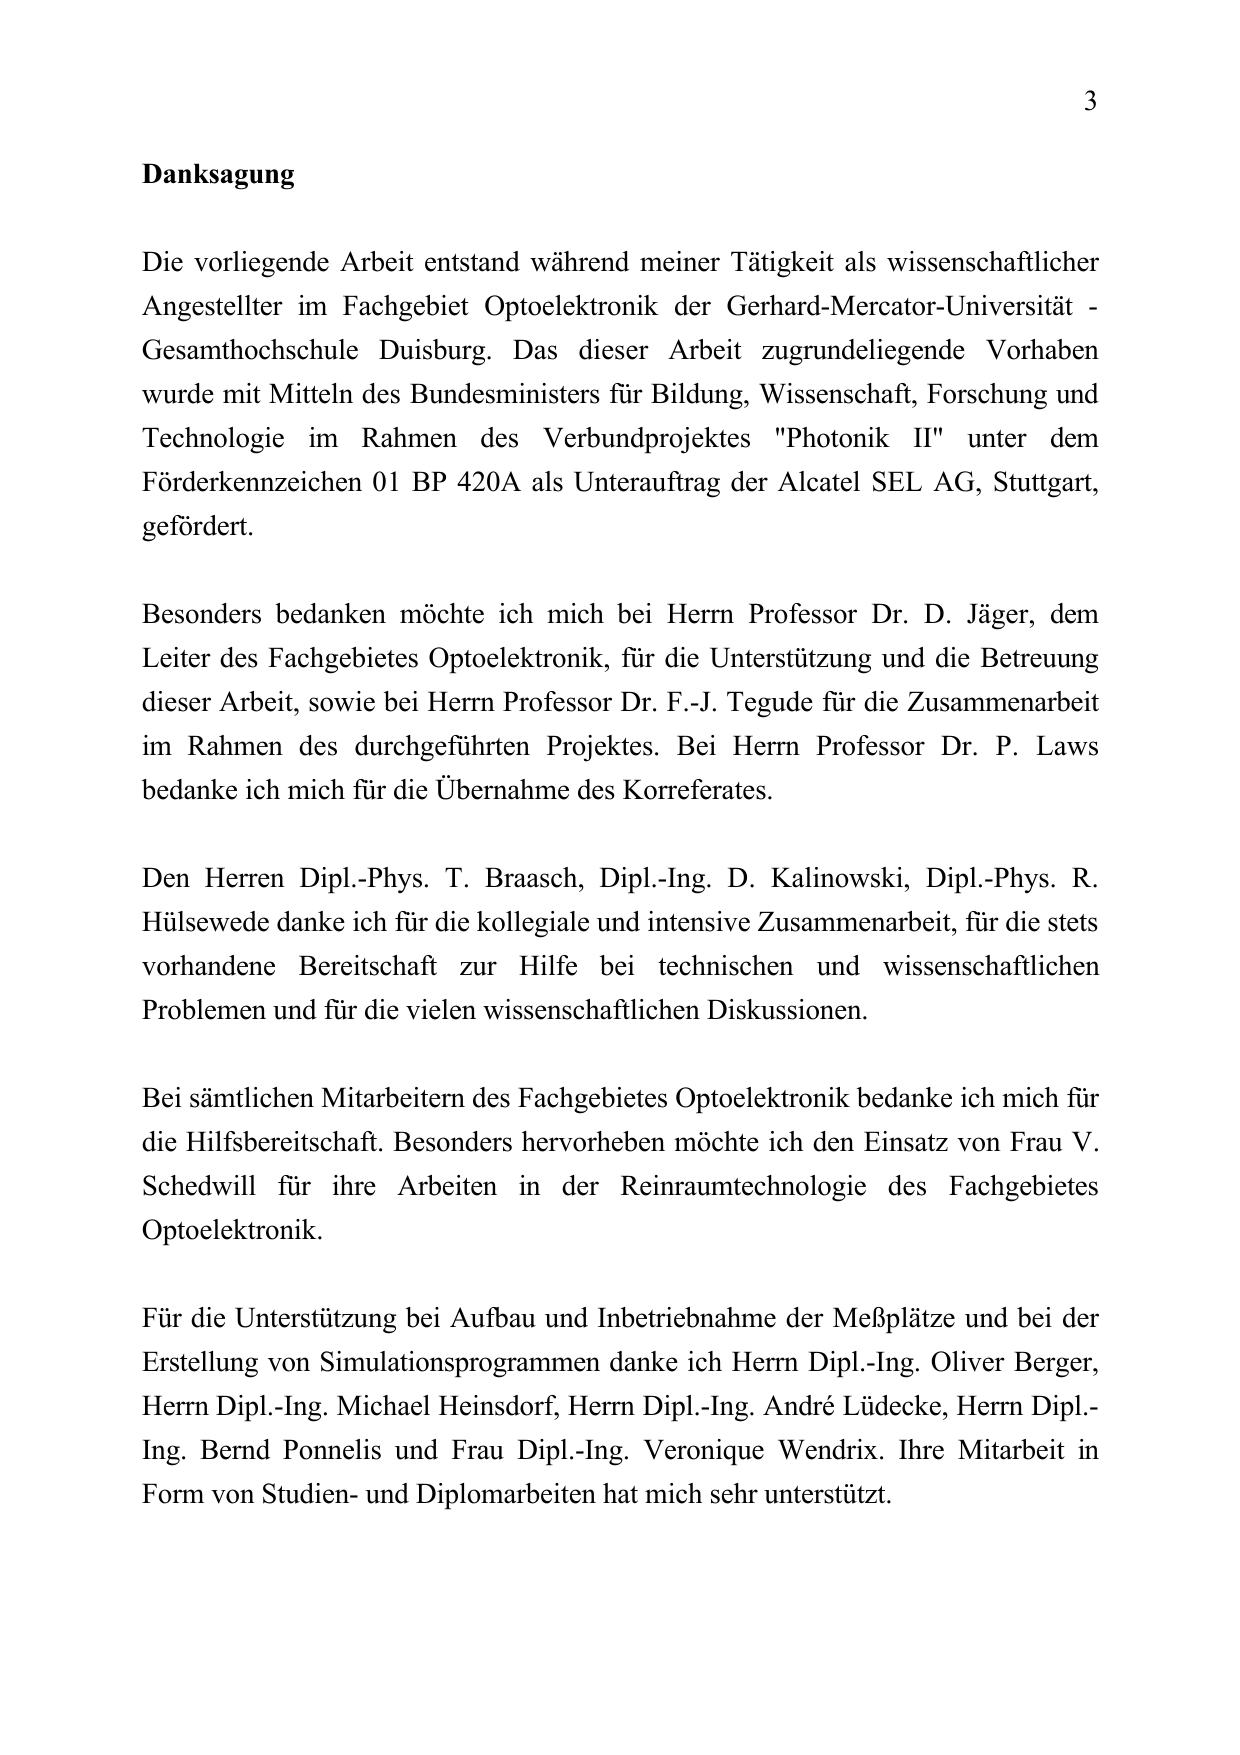 Danksagung diplomarbeit Diplomarbeiten/Masterarbeiten